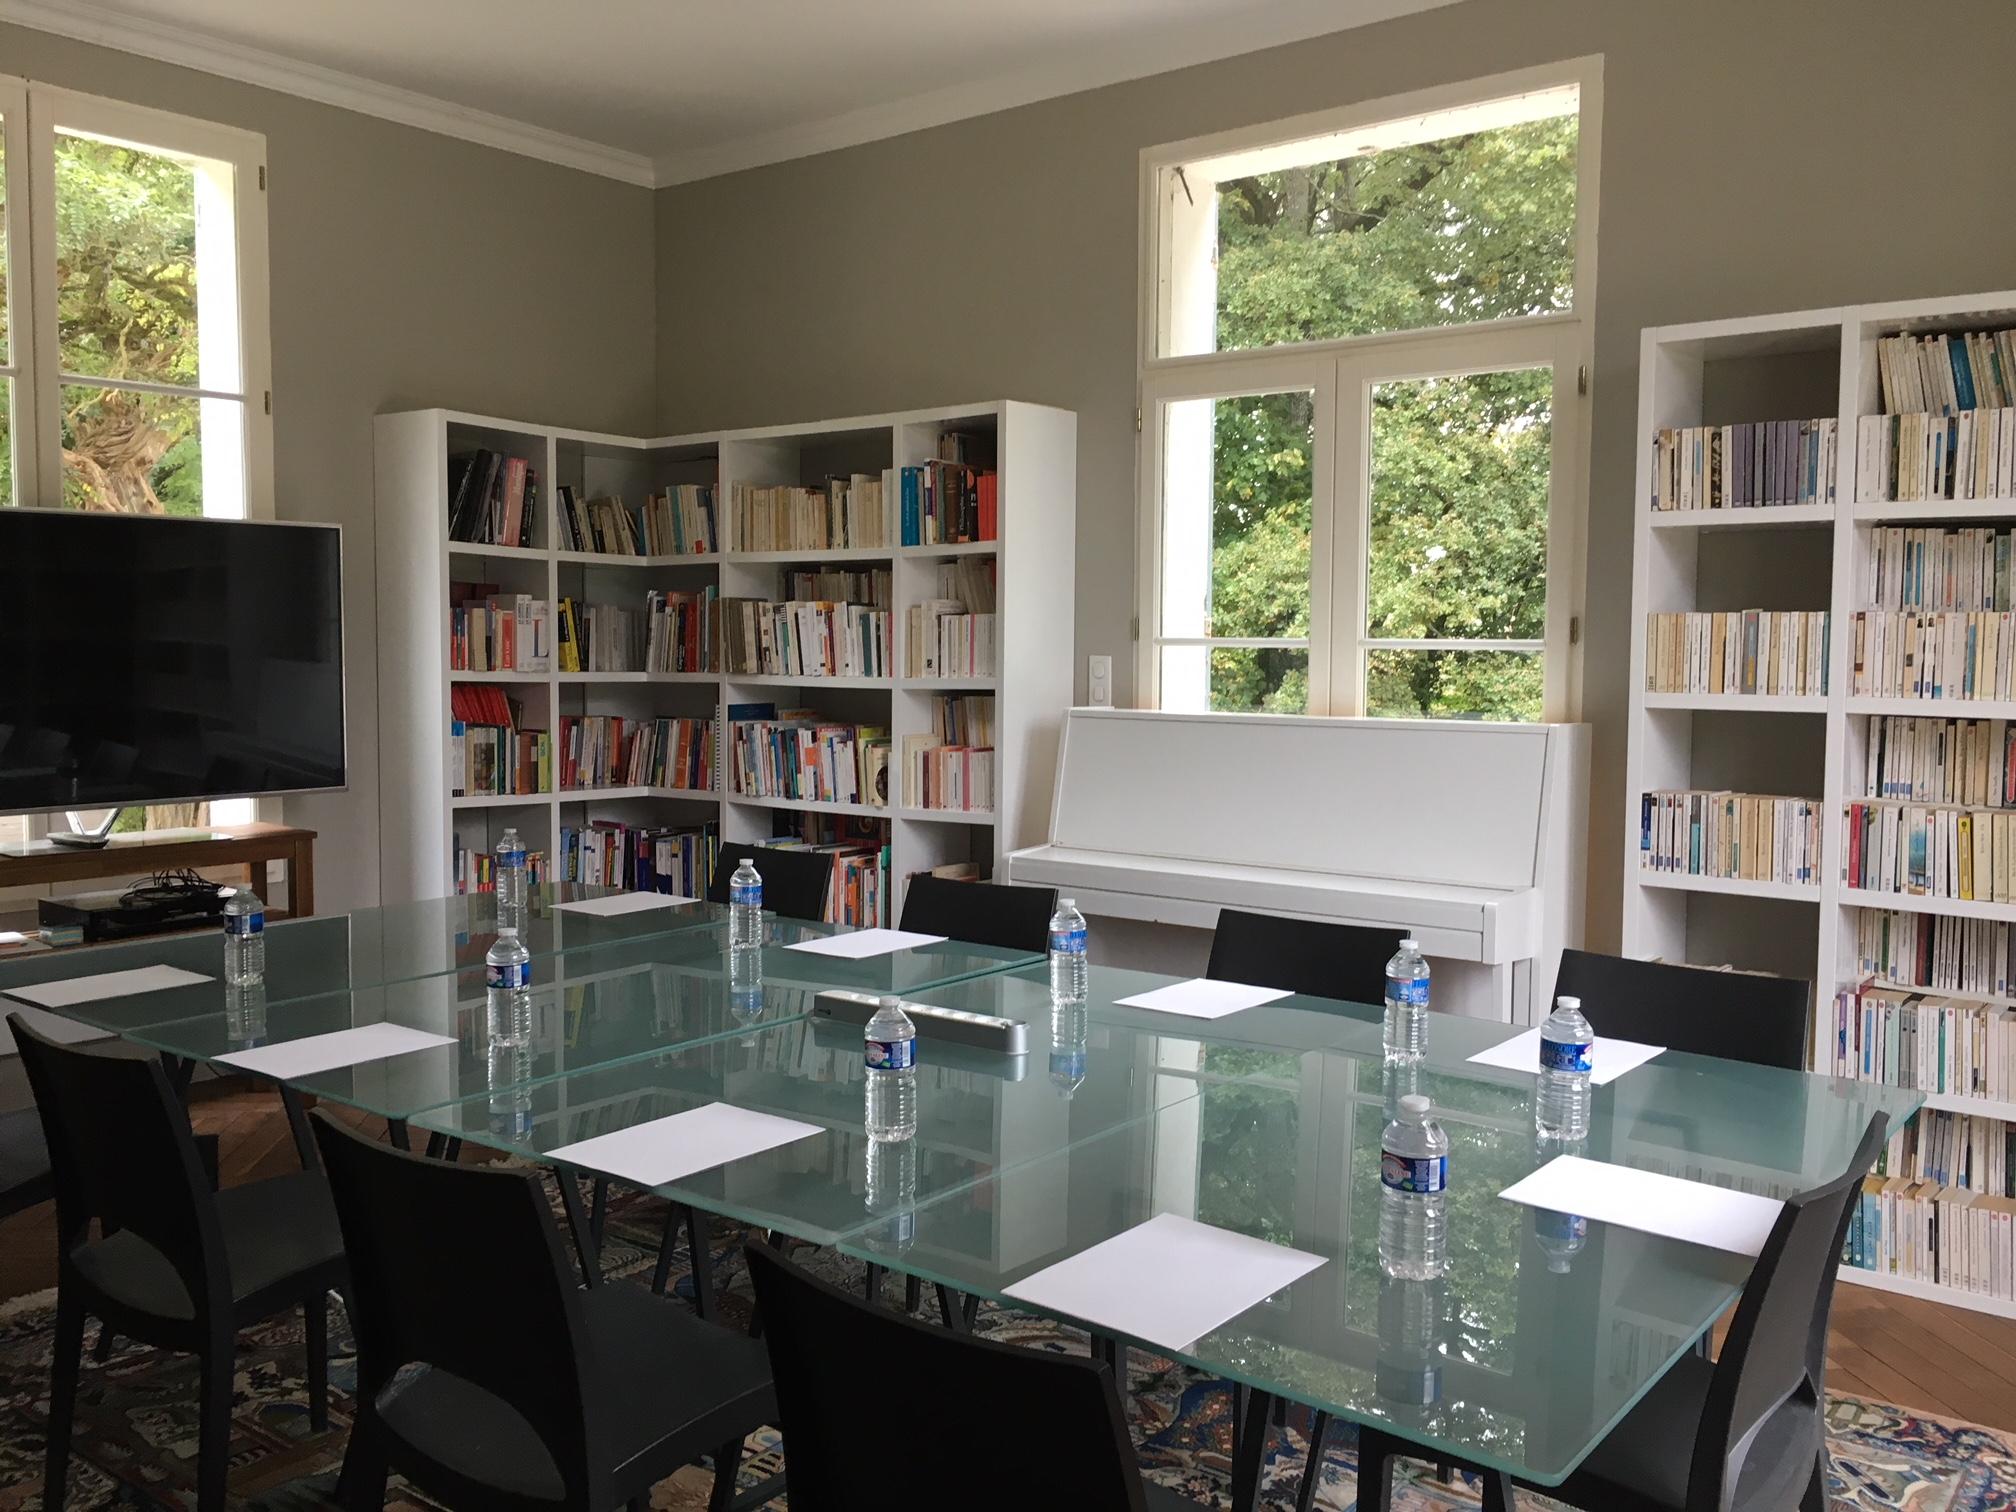 dining room __ meeting room __ Dans le château une annexe pour la grande salle de séminaire pour 10 personnes  __ IMG_5558.JPG